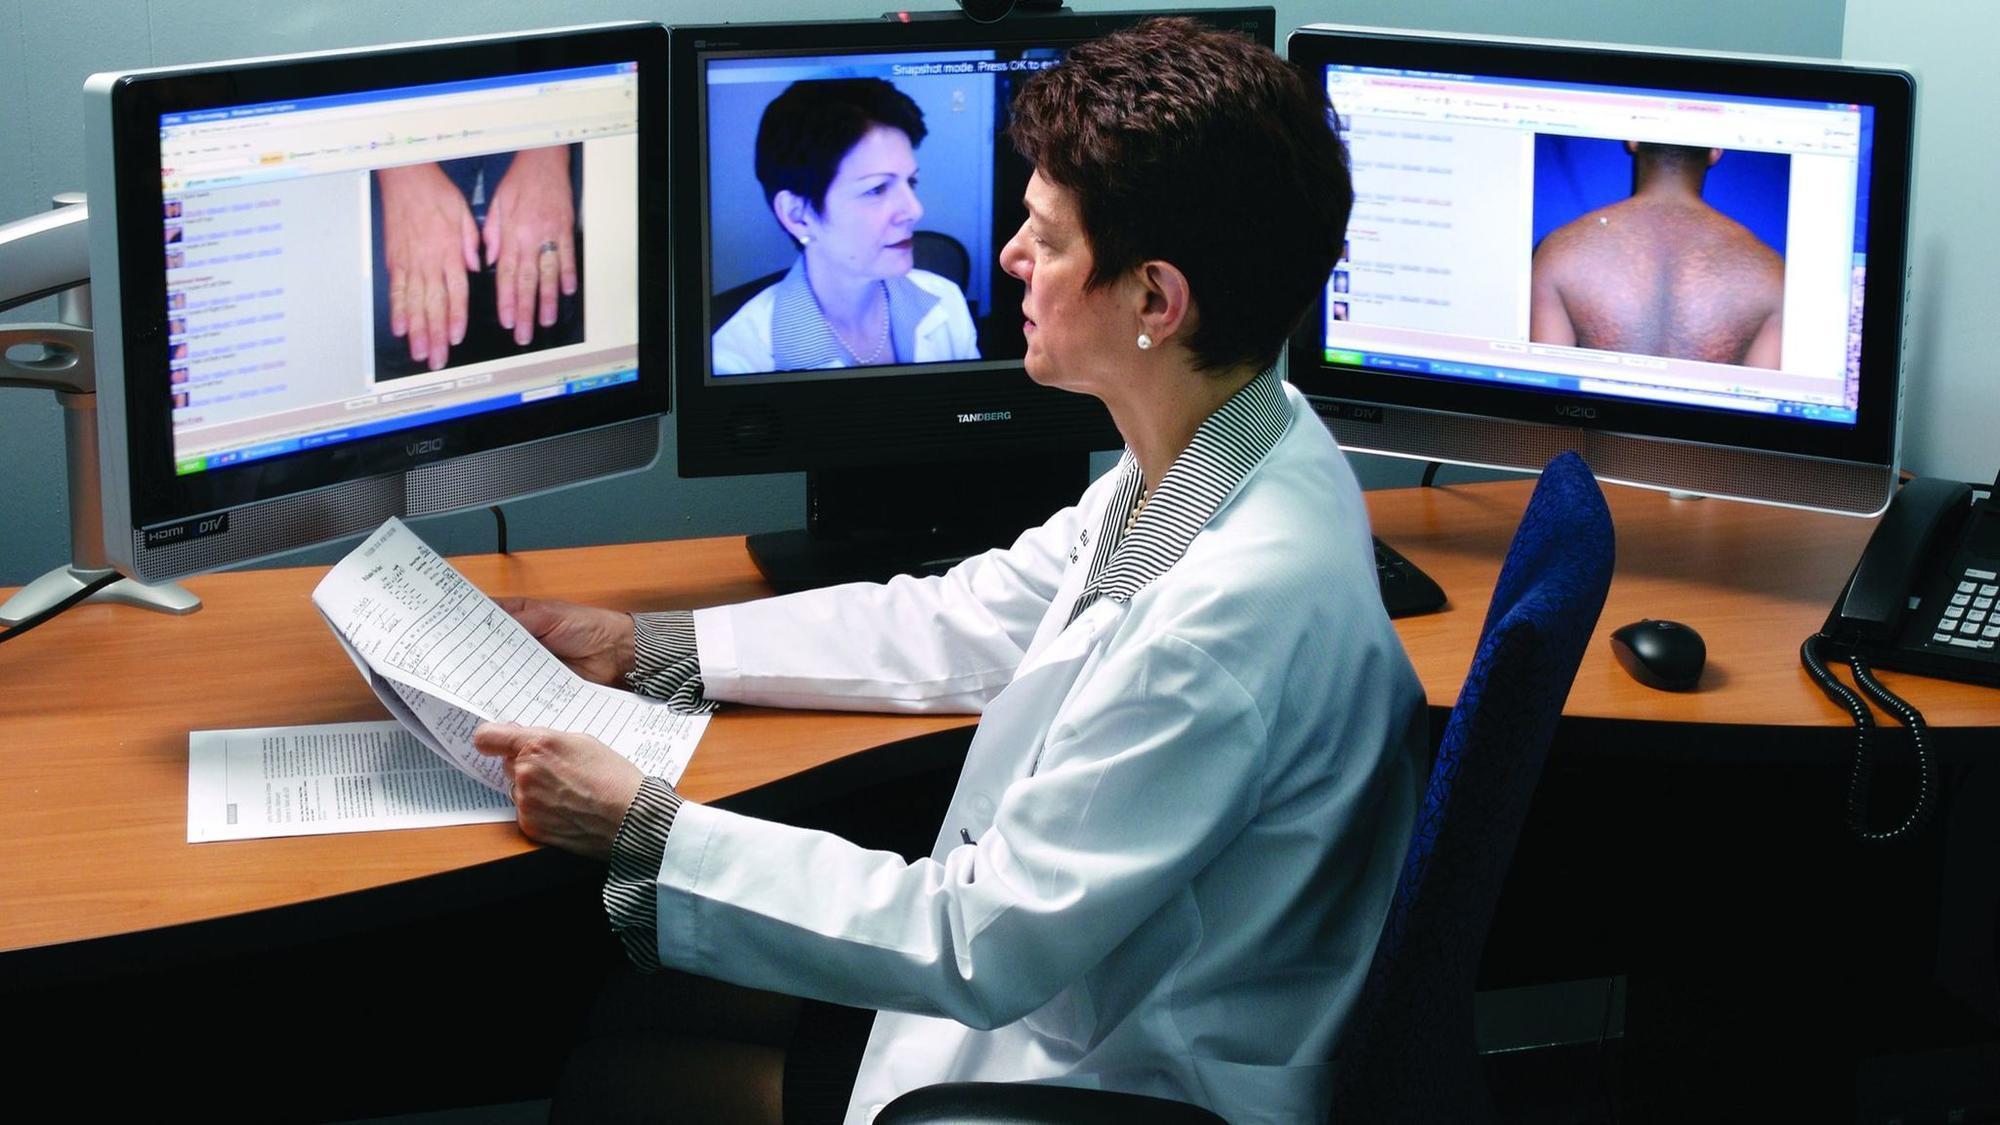 Доктор в телефоне: есть ли преимущества у телемедицины или это вынужденная мера во время пандемии